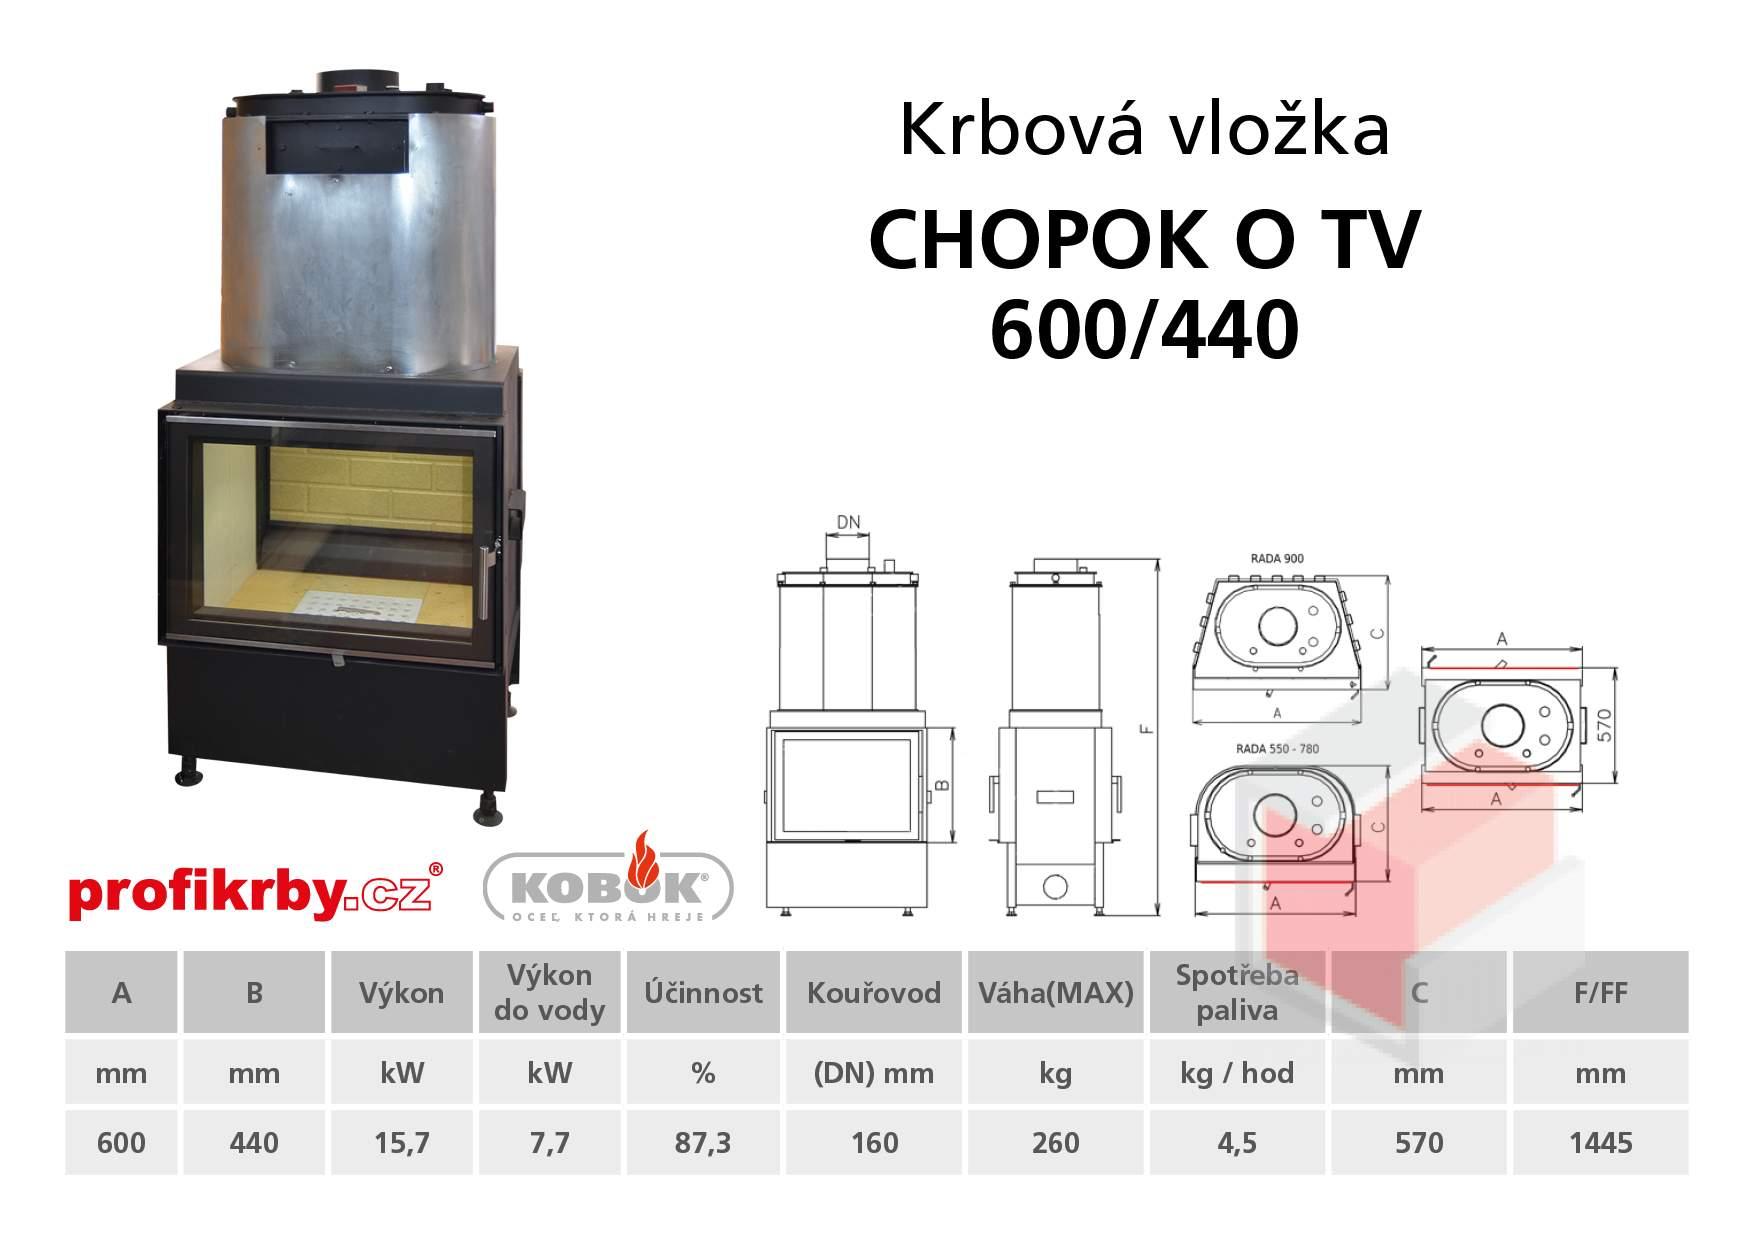 Krbová vložka CHOPOK 600/440 s výměníkem - přikládací dveře